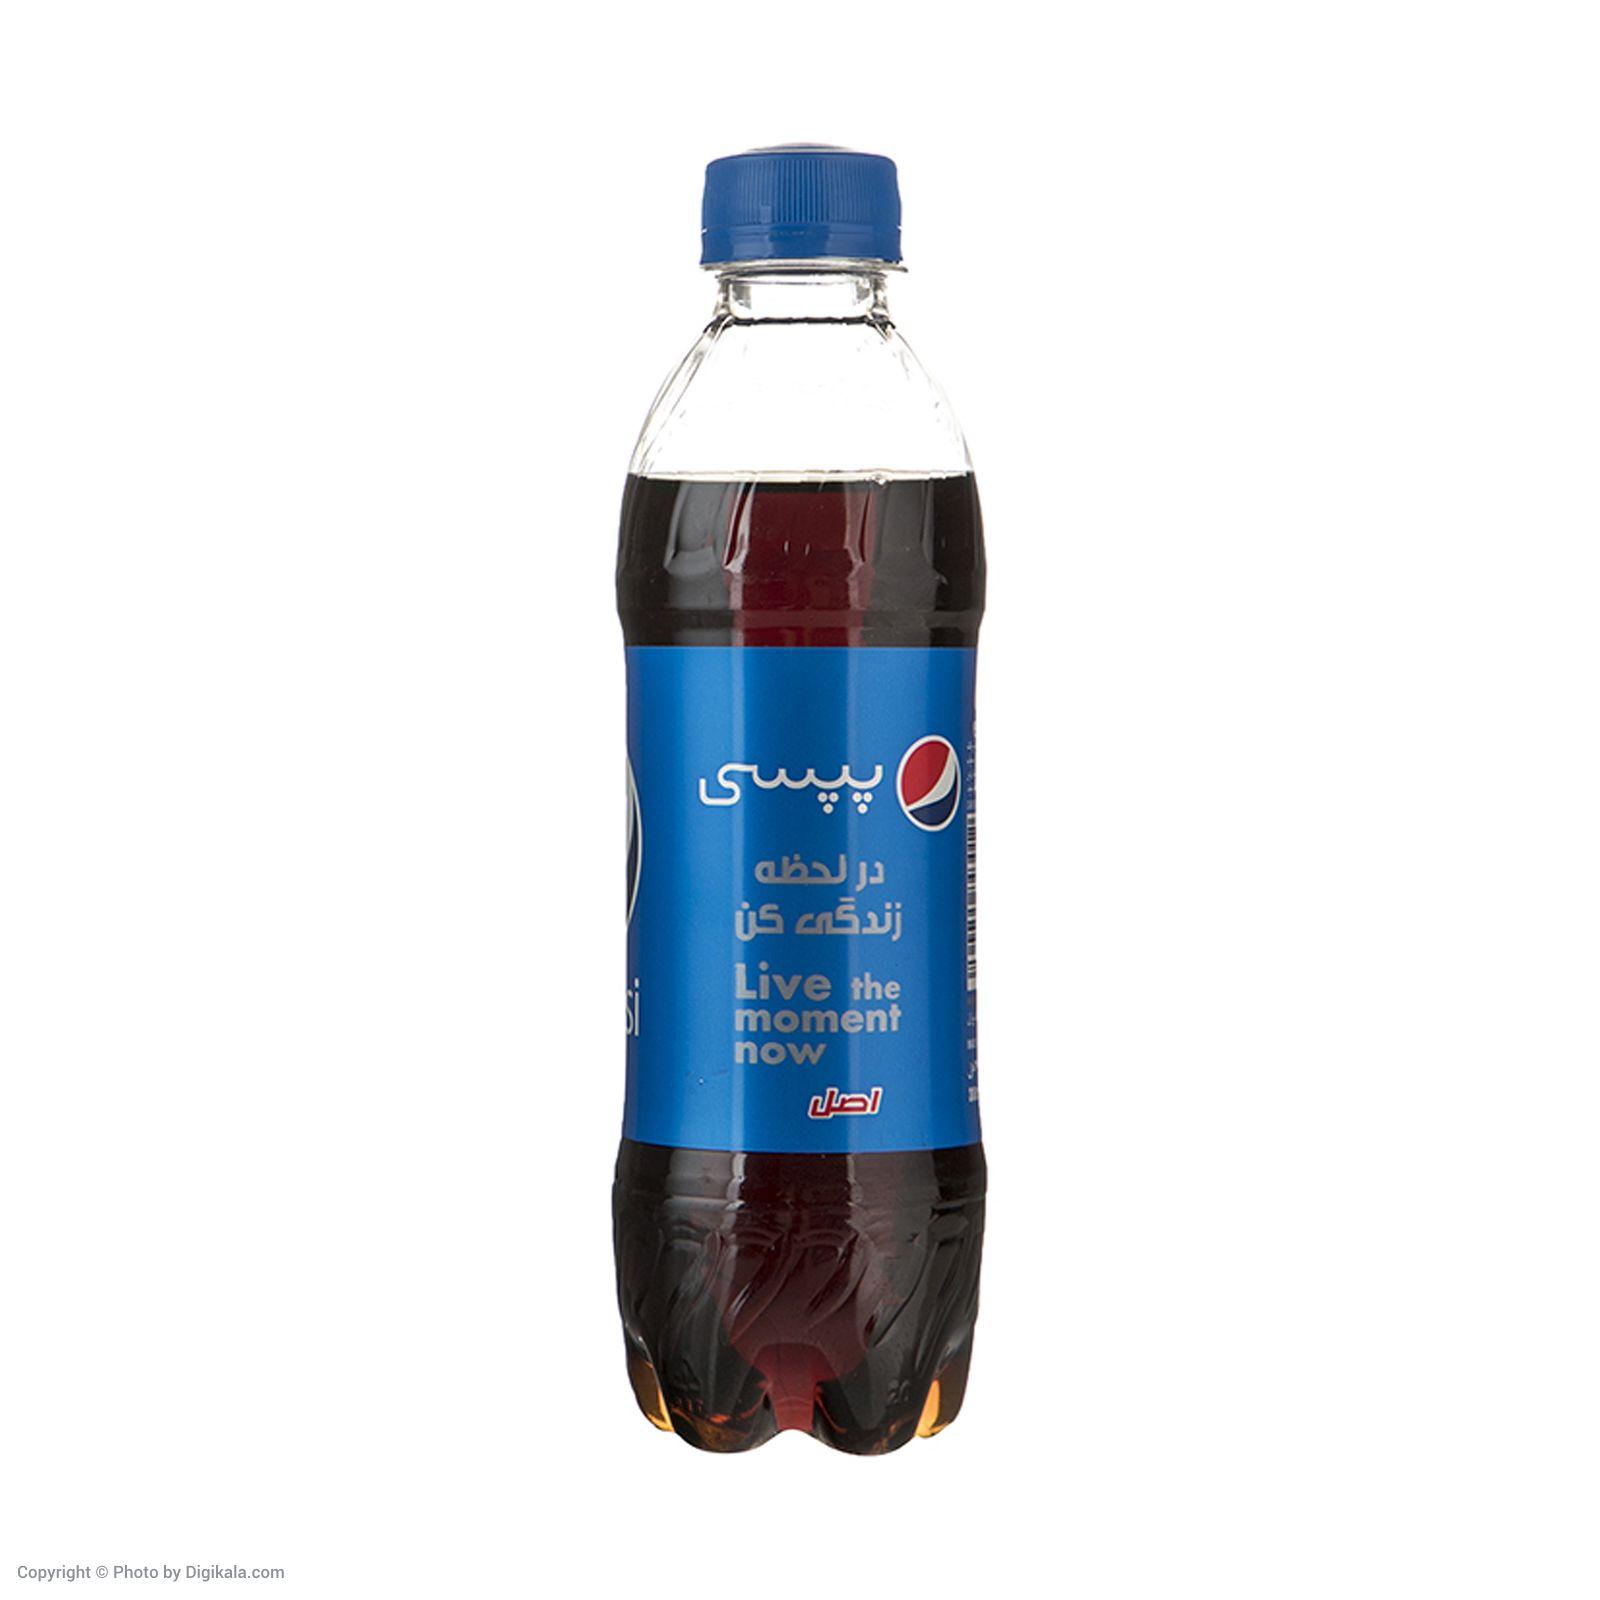 نوشابه گازدار پپسی با طعم کولا - 300 میلی لیتر بسته 24 عددی main 1 2